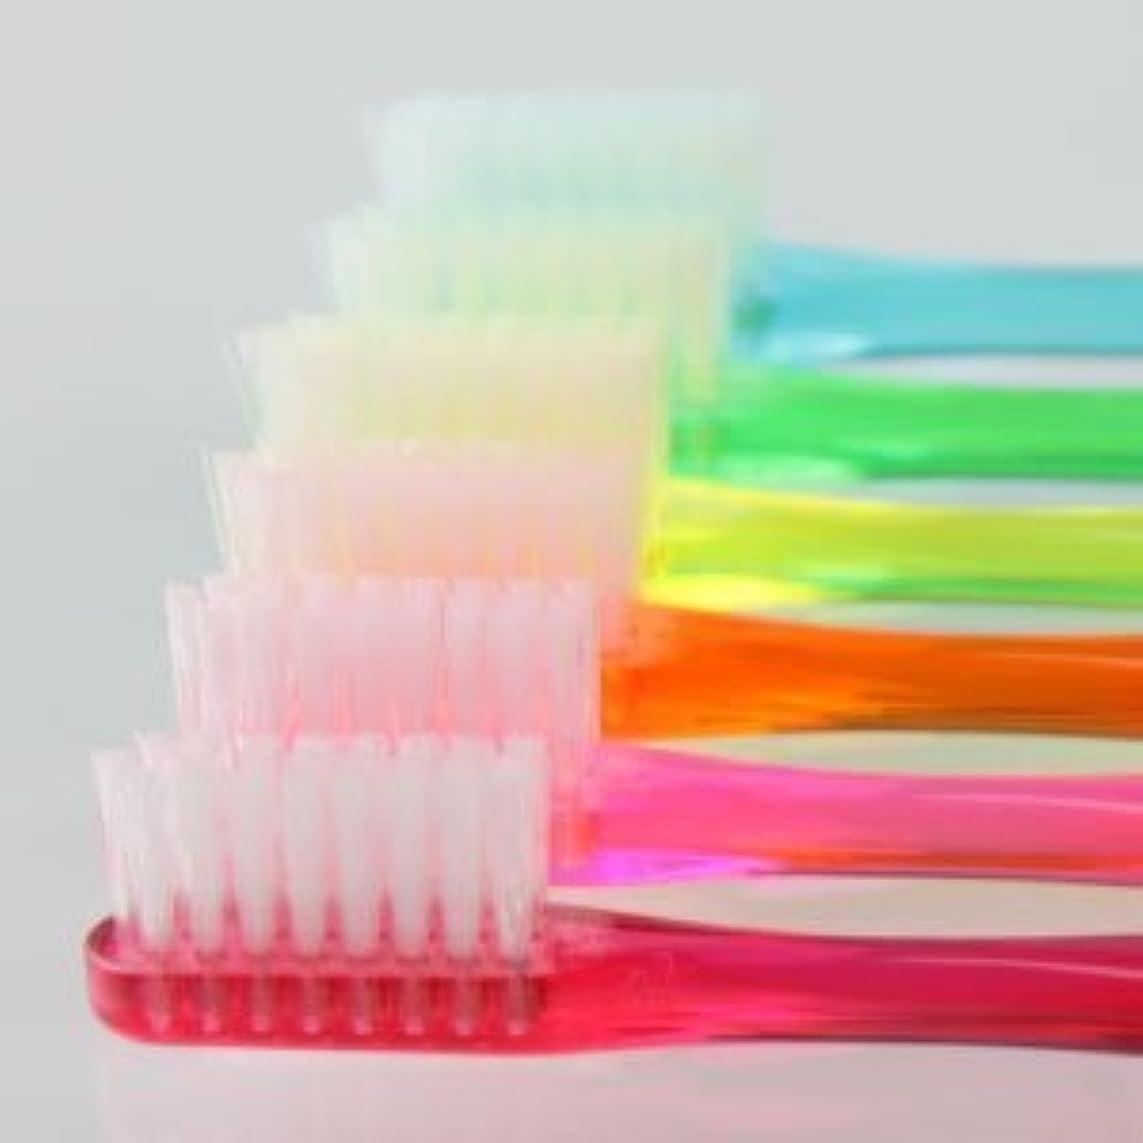 スチール緩むシャイニングサムフレンド 歯ブラシ #21(ミディアム) 6本 ※お色は当店お任せです